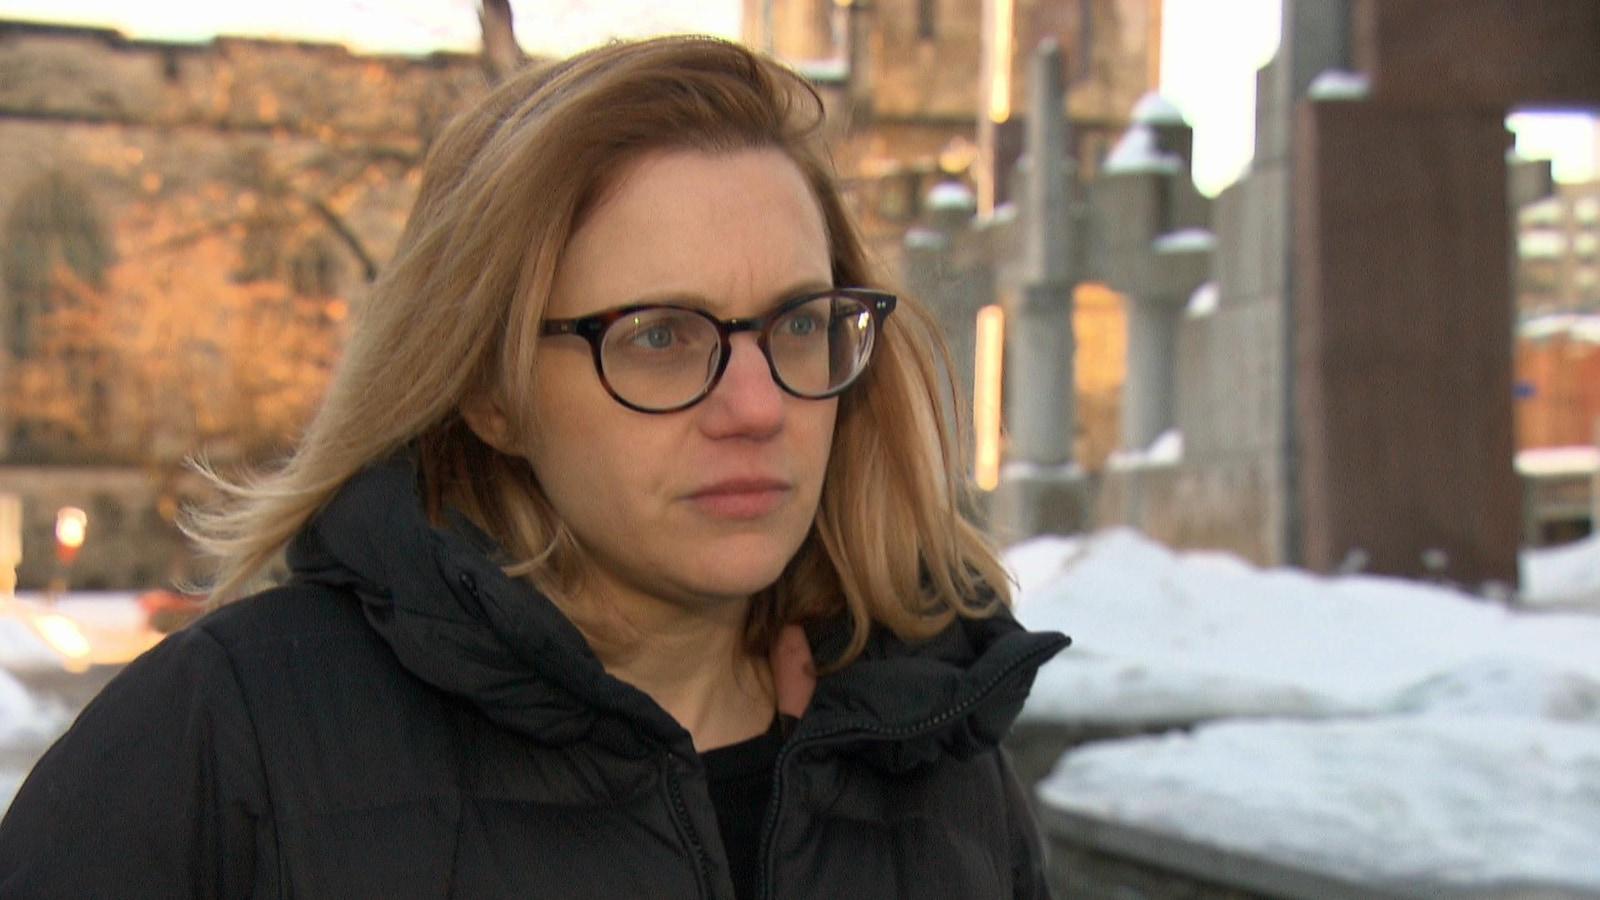 Jessica Adley répond aux questions d'un journaliste.